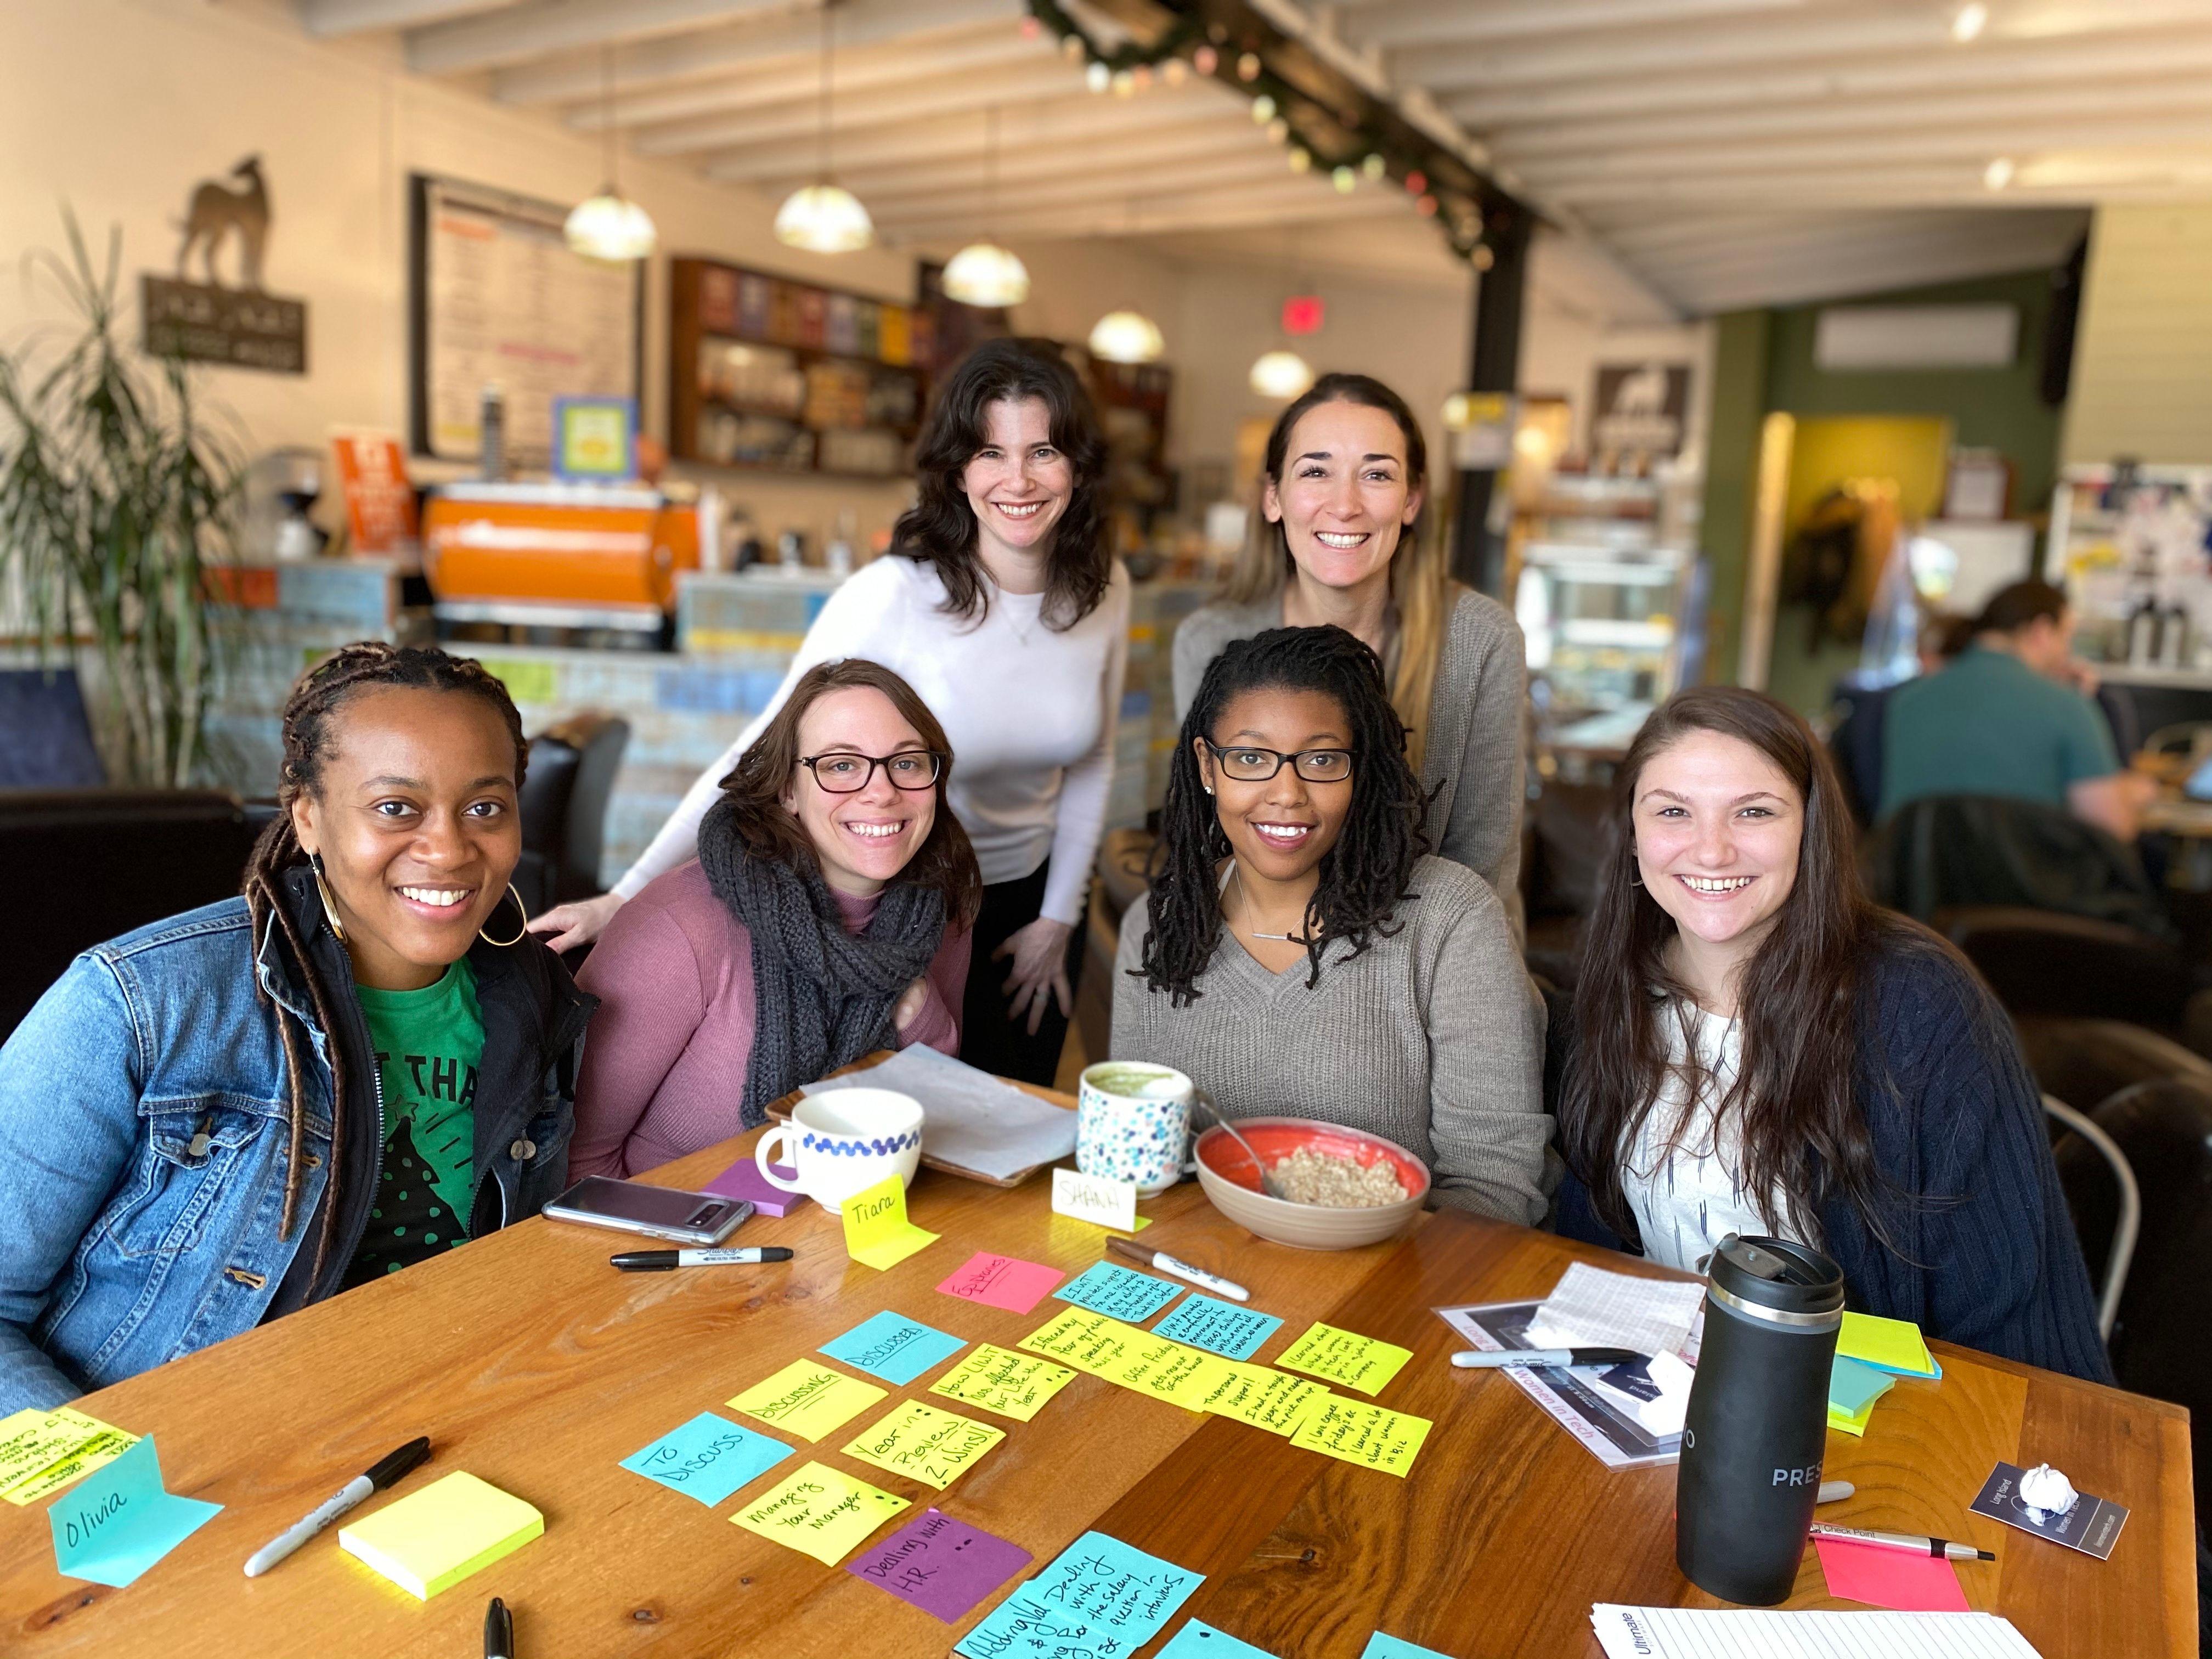 LI Women in Tech